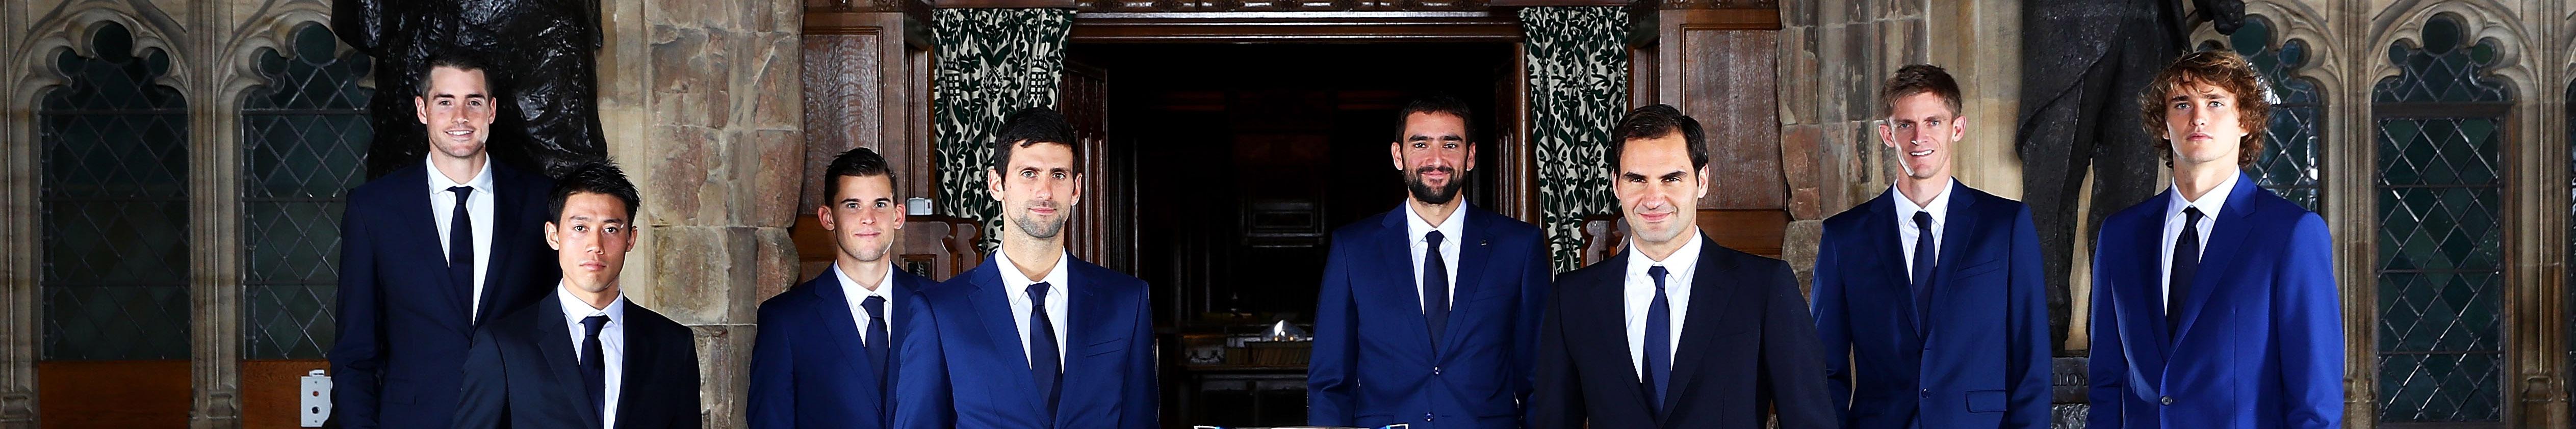 ATP Finals: Tägliche Vorschau, Analysen, Quoten & Wetten